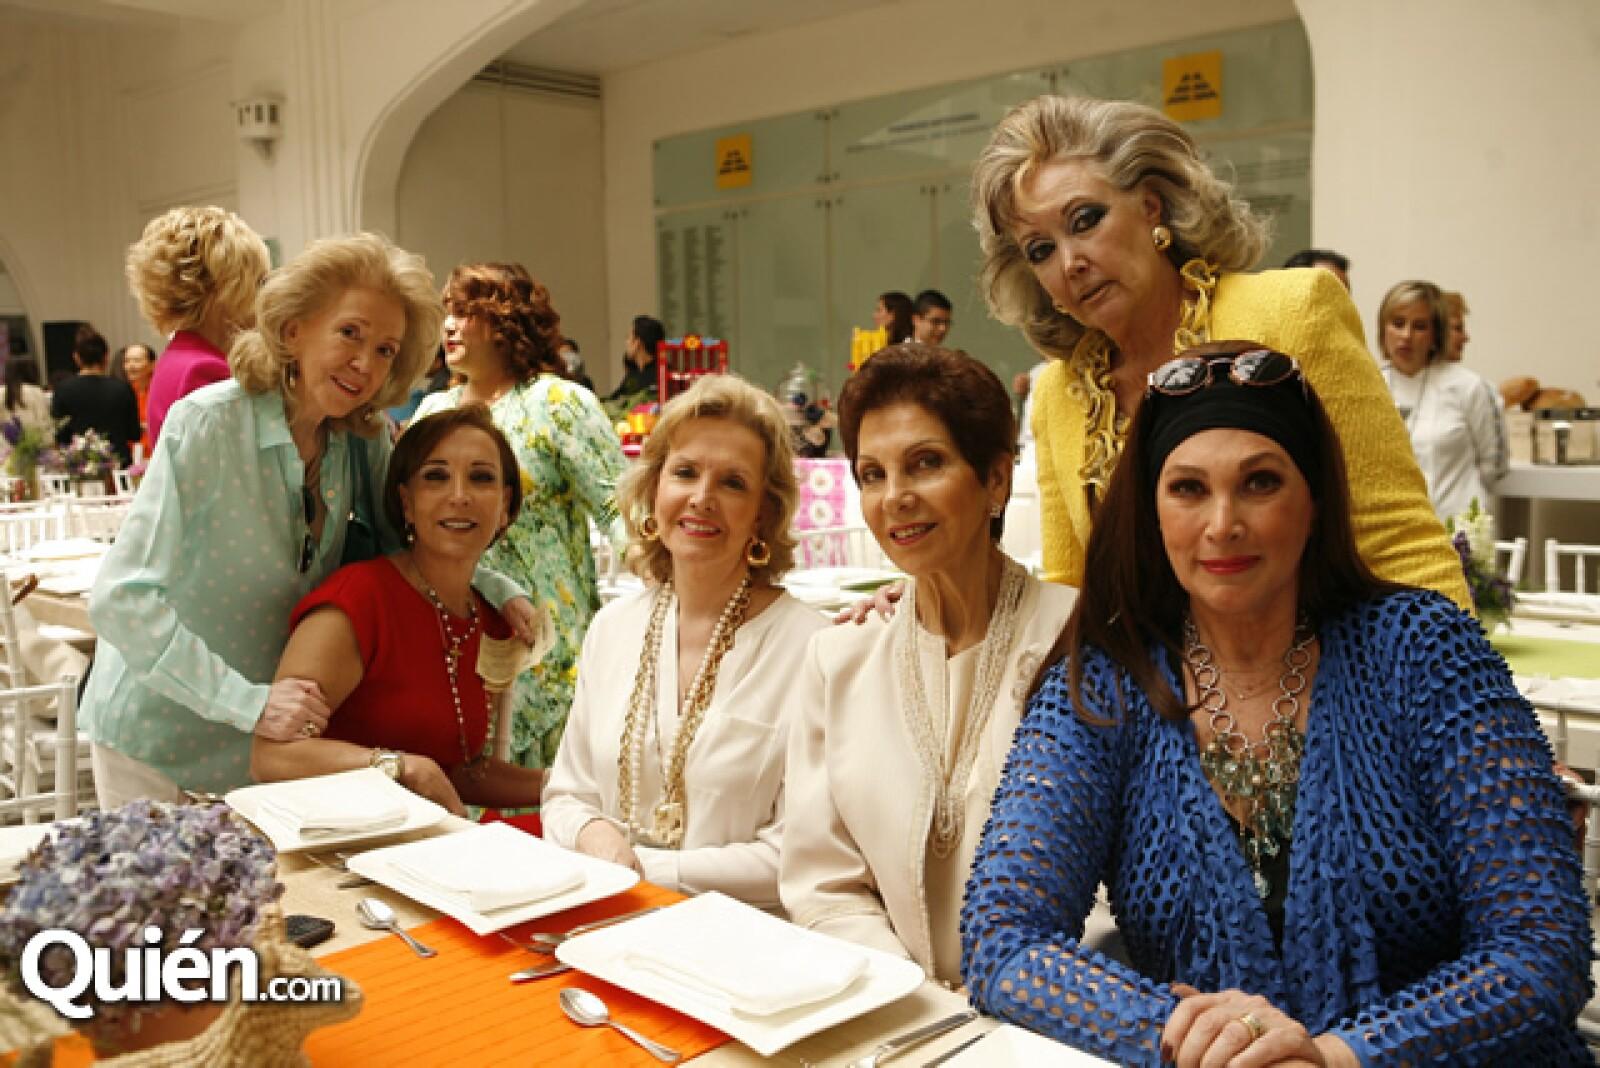 Melba de León, María Alicia Chaux, Adriana Villarreal, Abigail Rivera Torres, Alicia Aguilar y Marisela Torruco